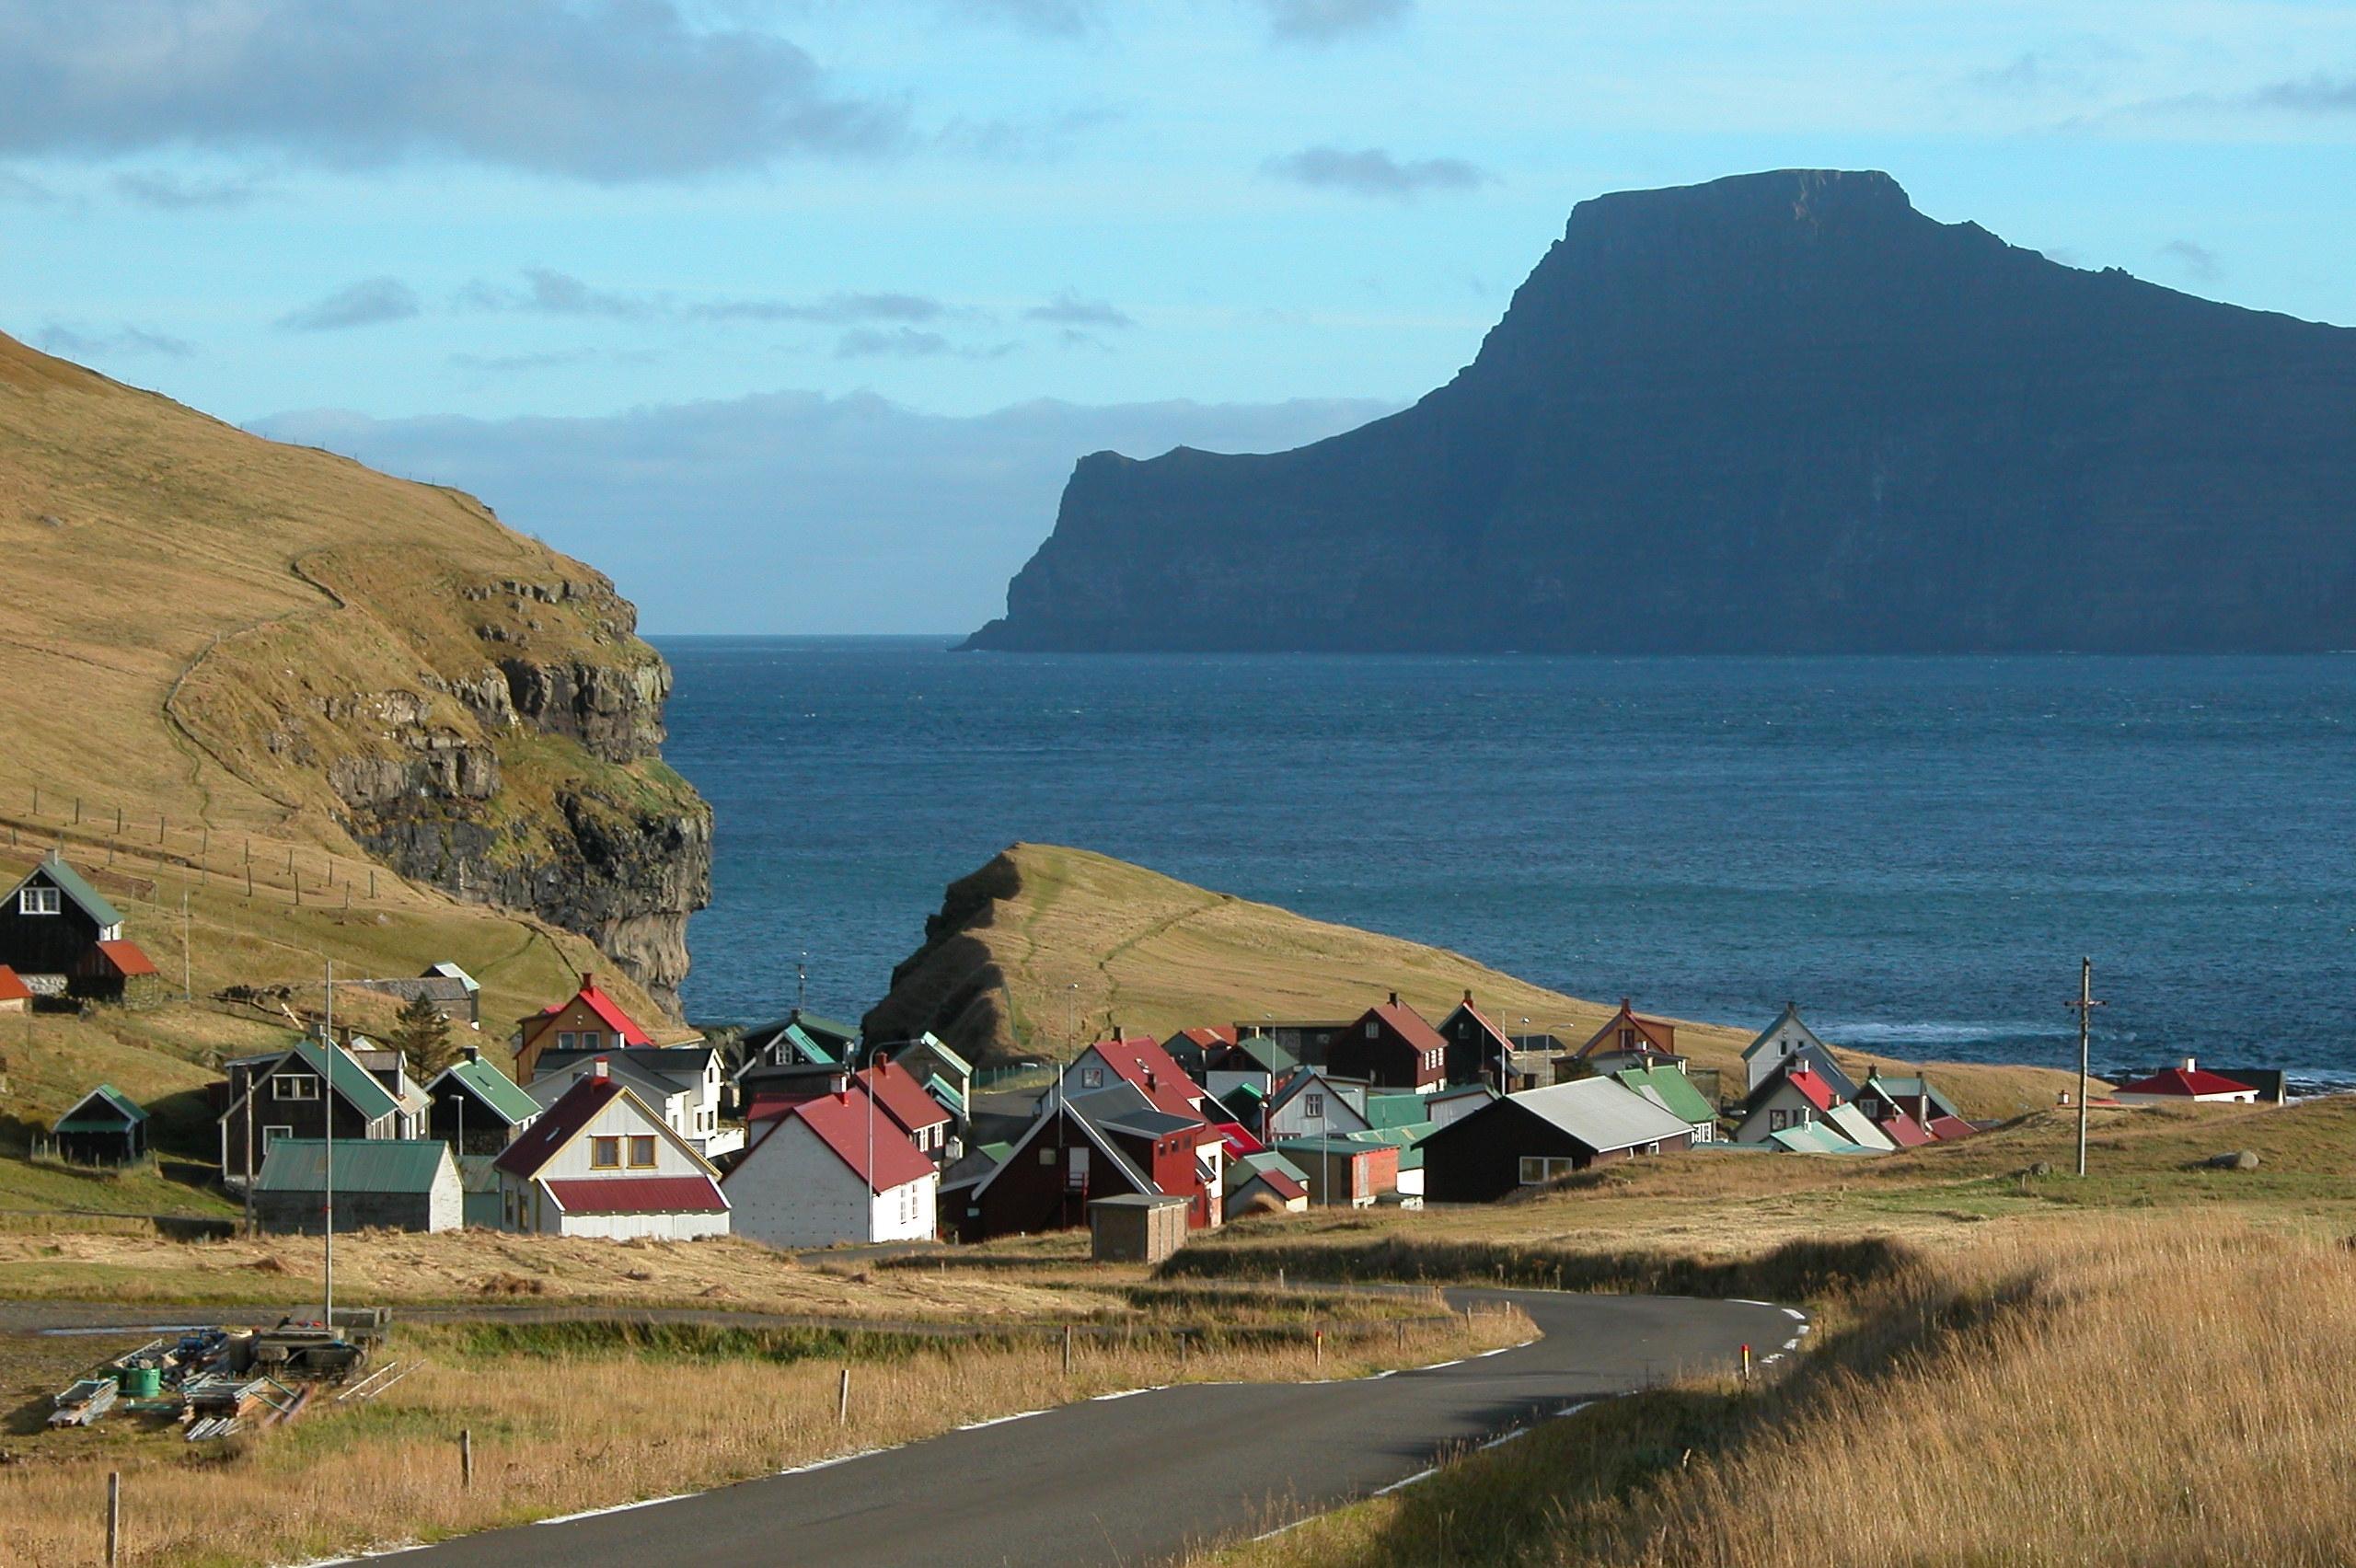 Gjógv on Eysturoy, Faroe Islands. Photo taken in May 2002.